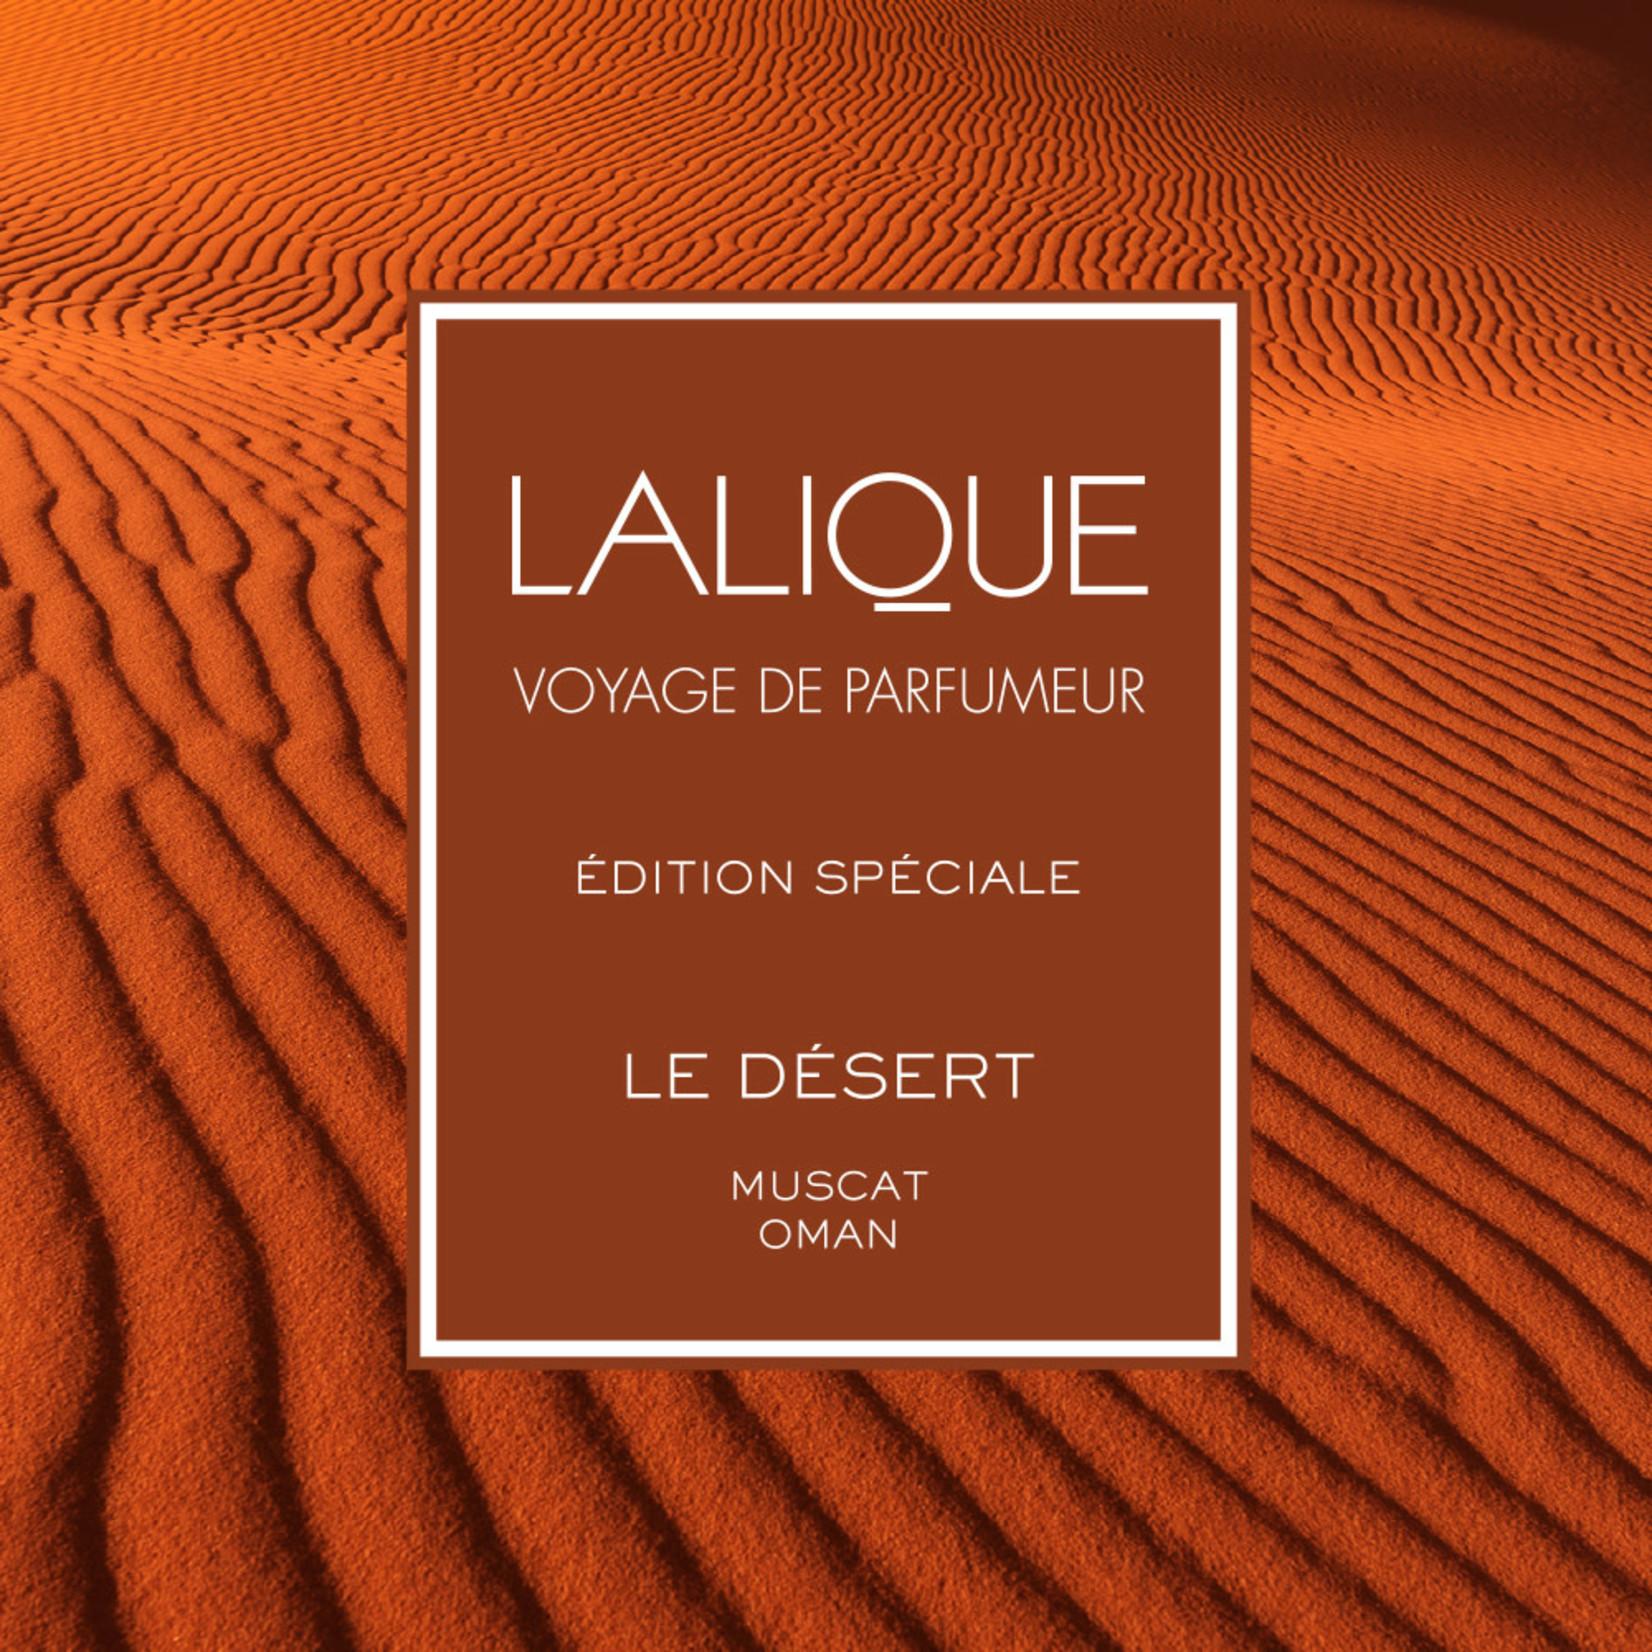 Lalique Le Desert